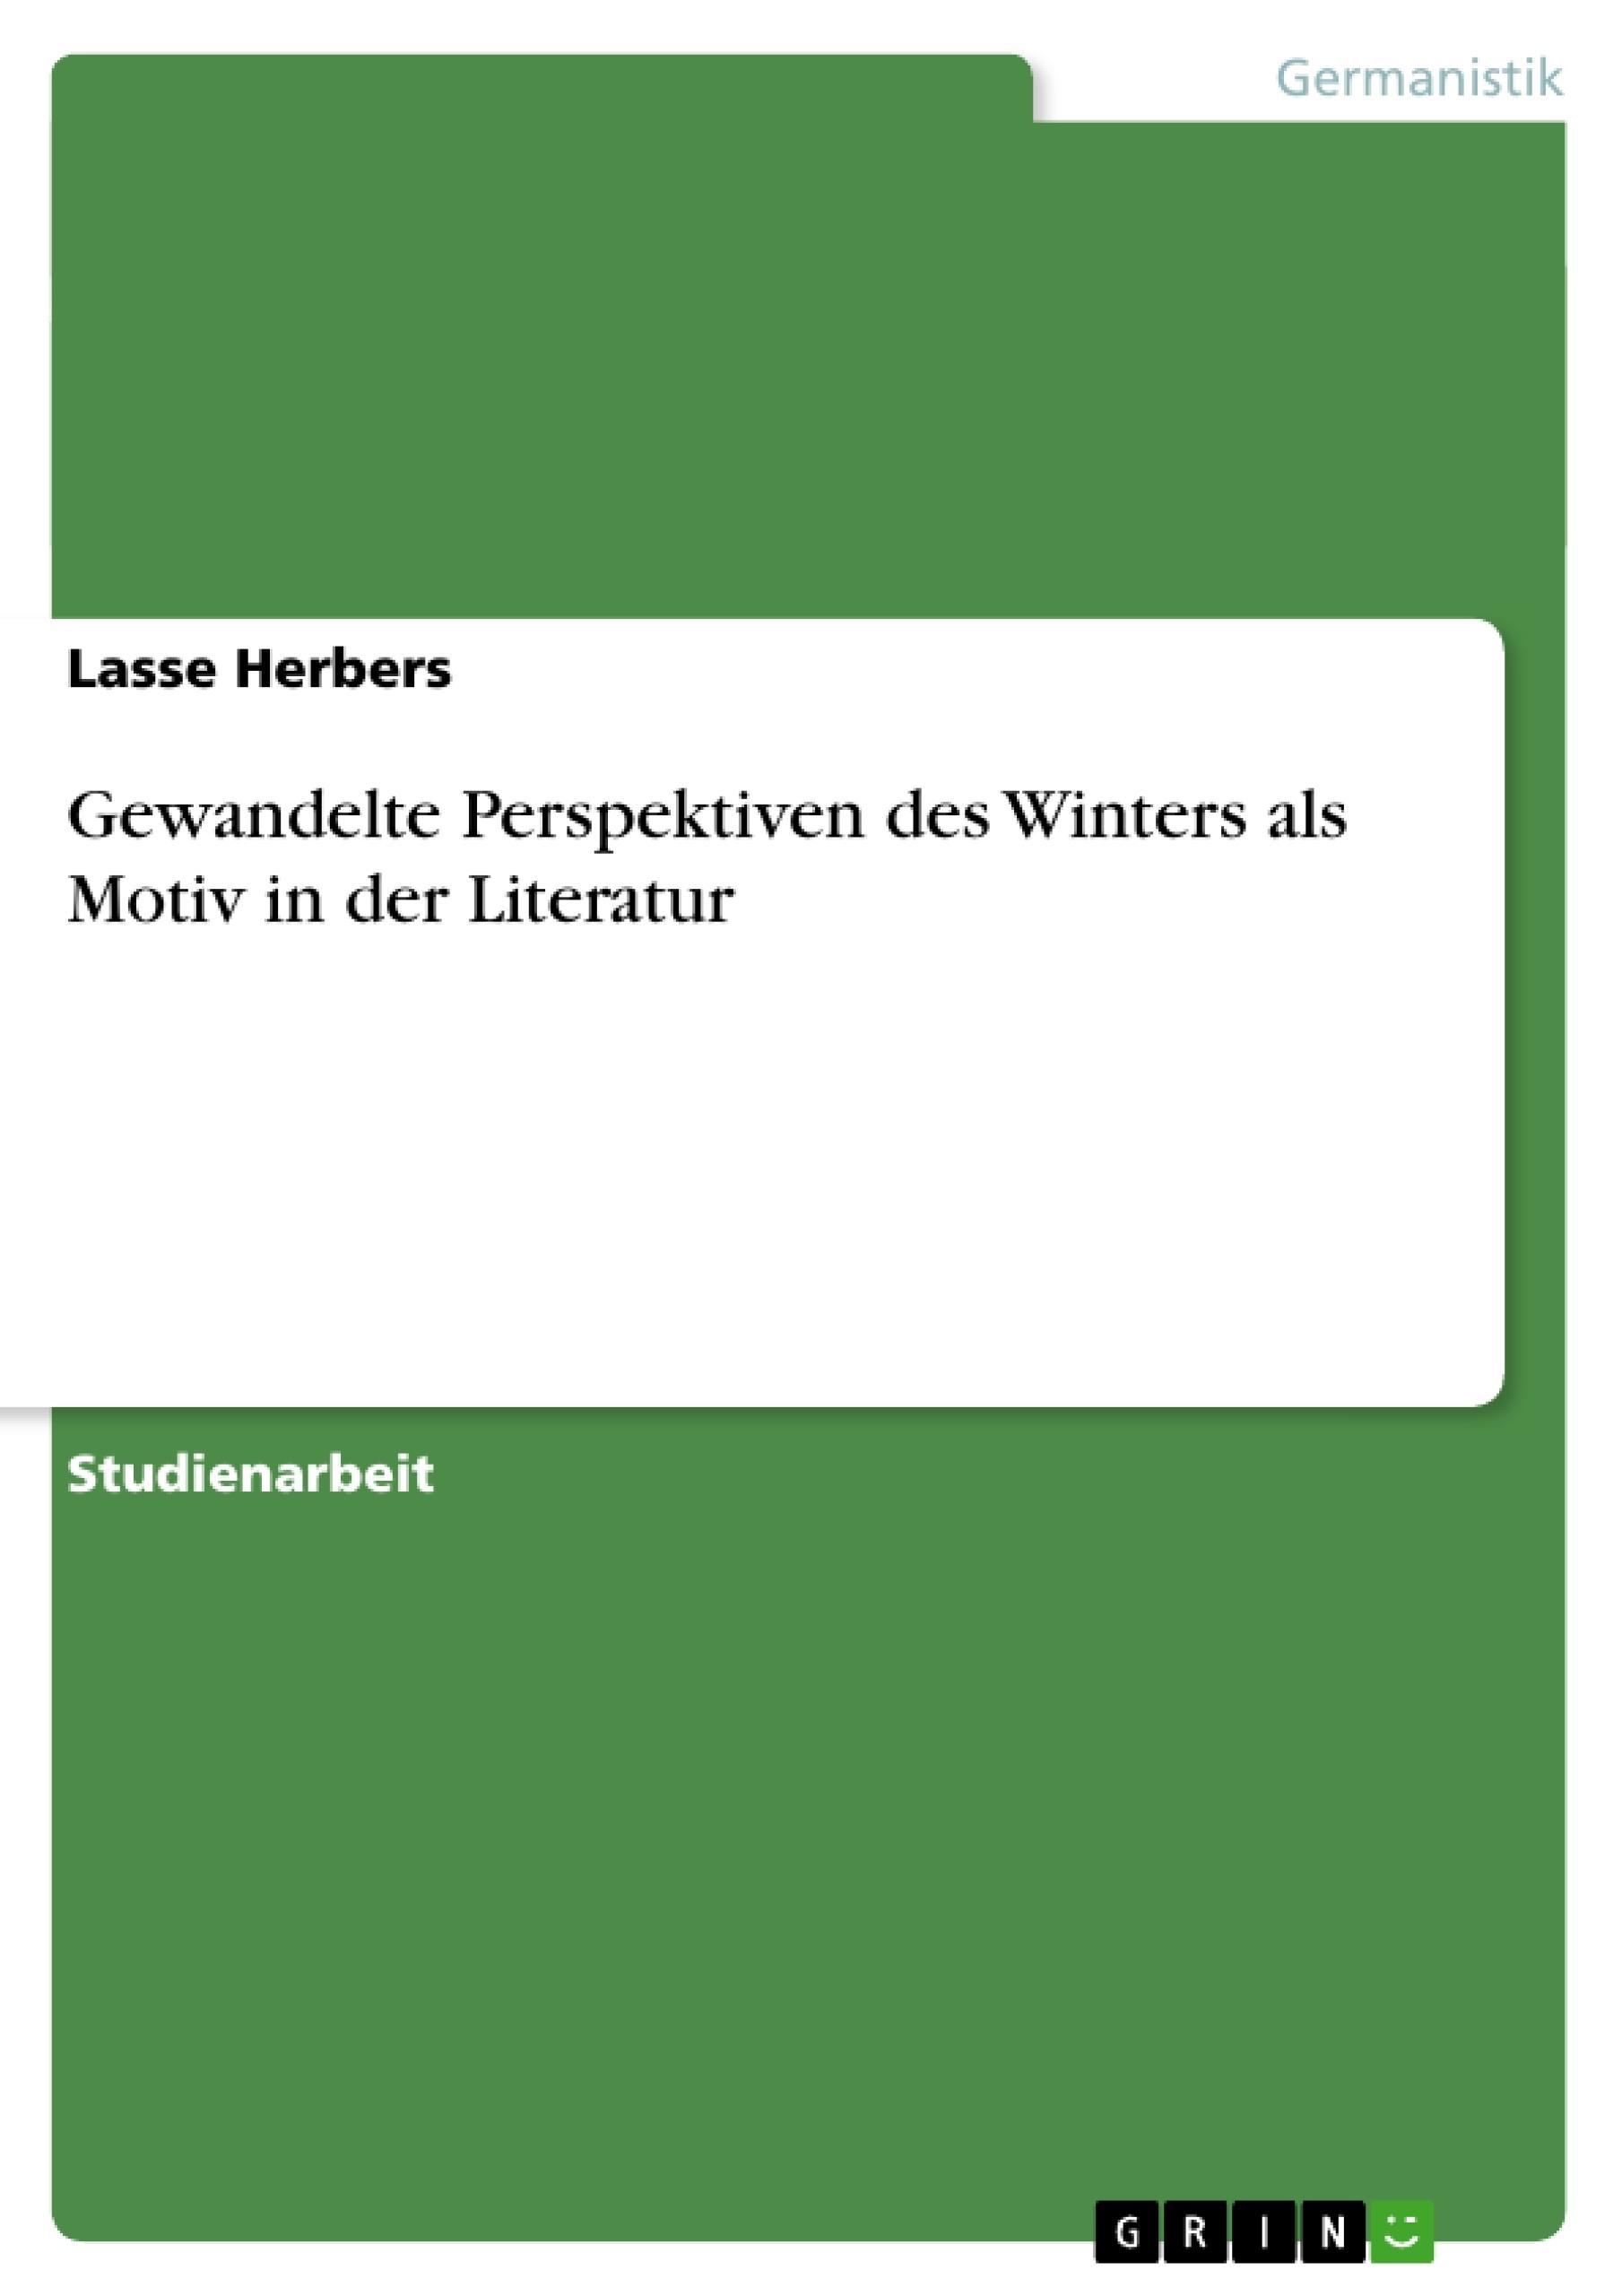 Titel: Gewandelte Perspektiven des Winters als Motiv in der Literatur